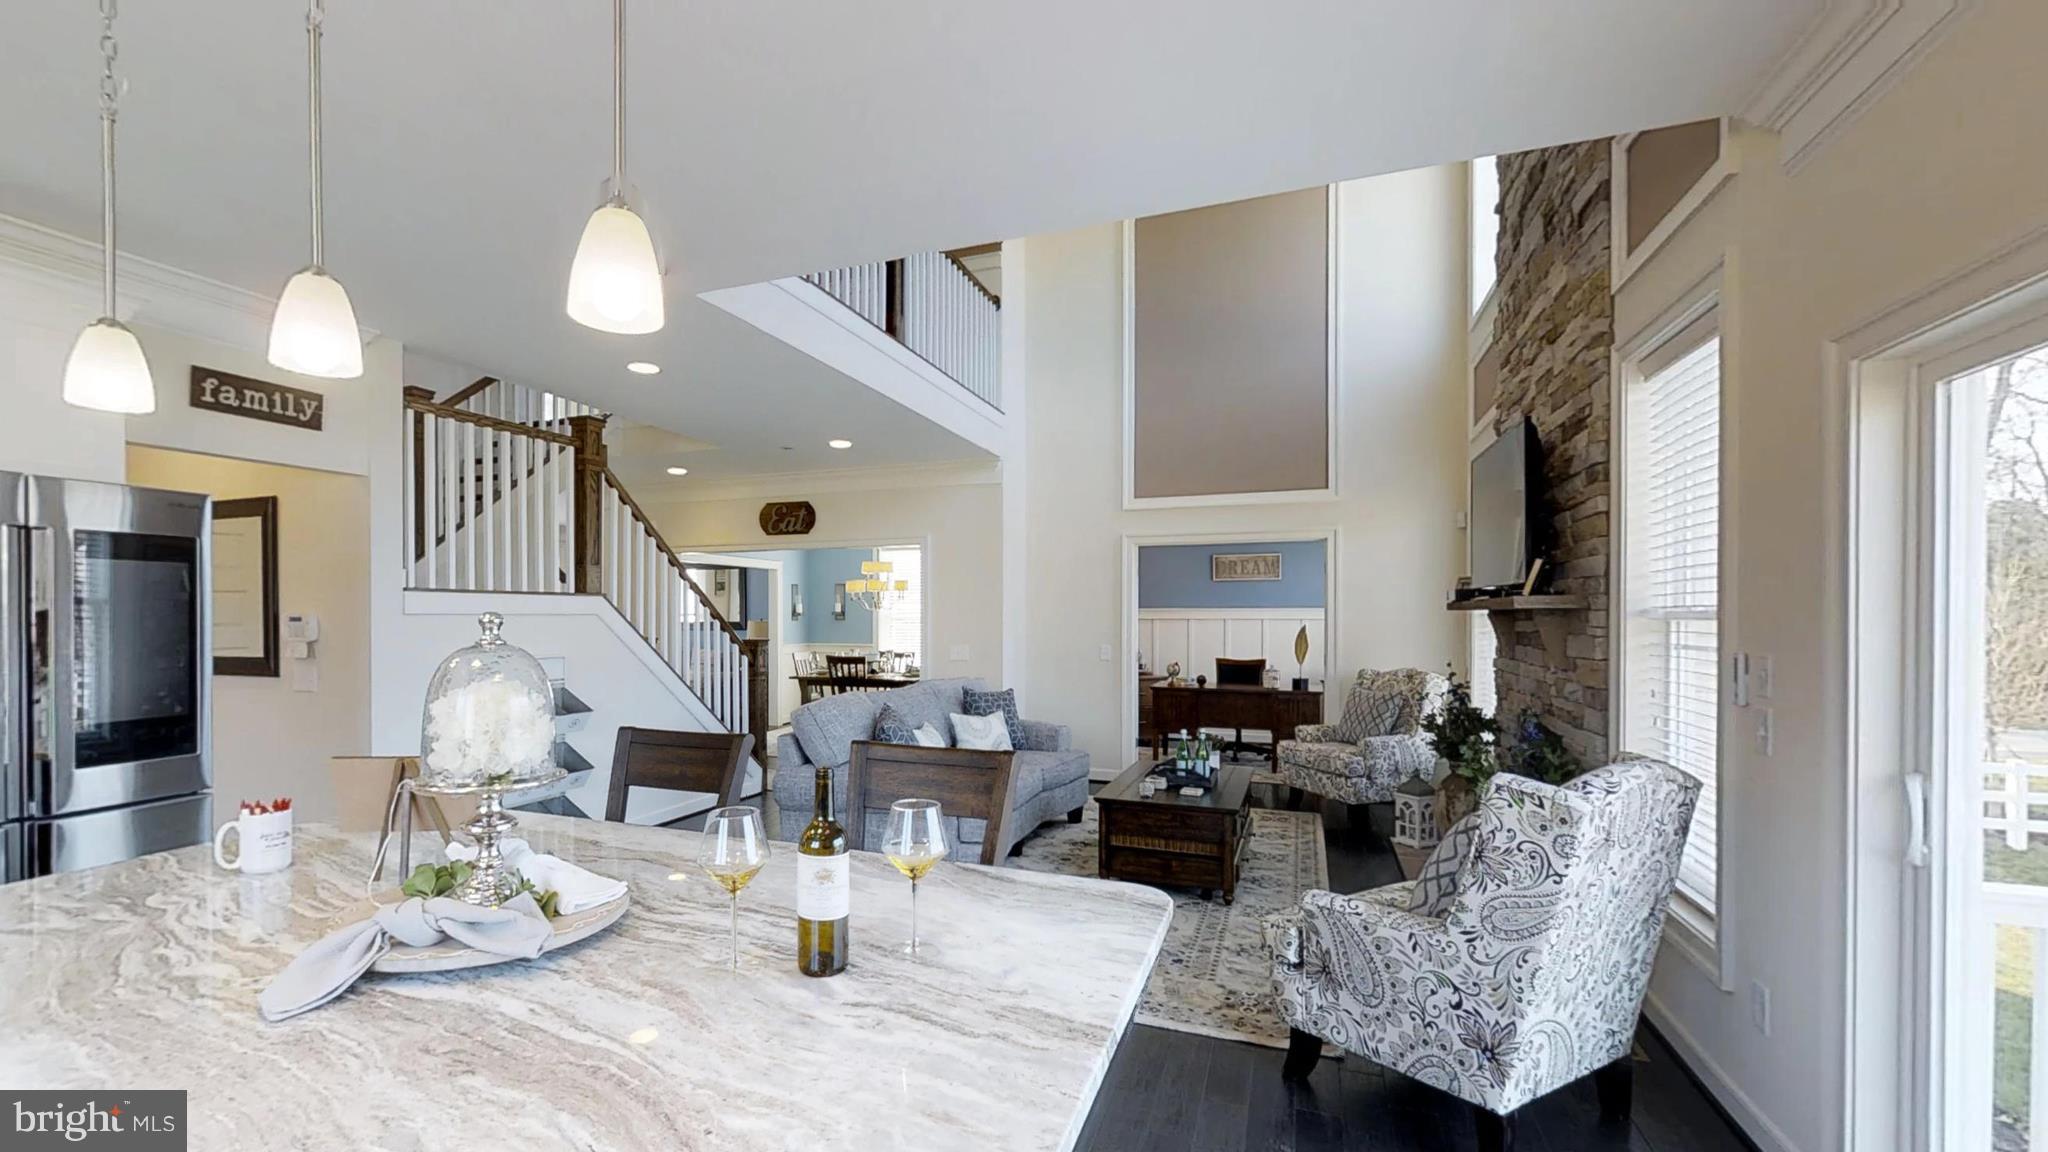 701A CONOVER LN, Pasadena, MD 21122 $479,990 www pinnacleresales com